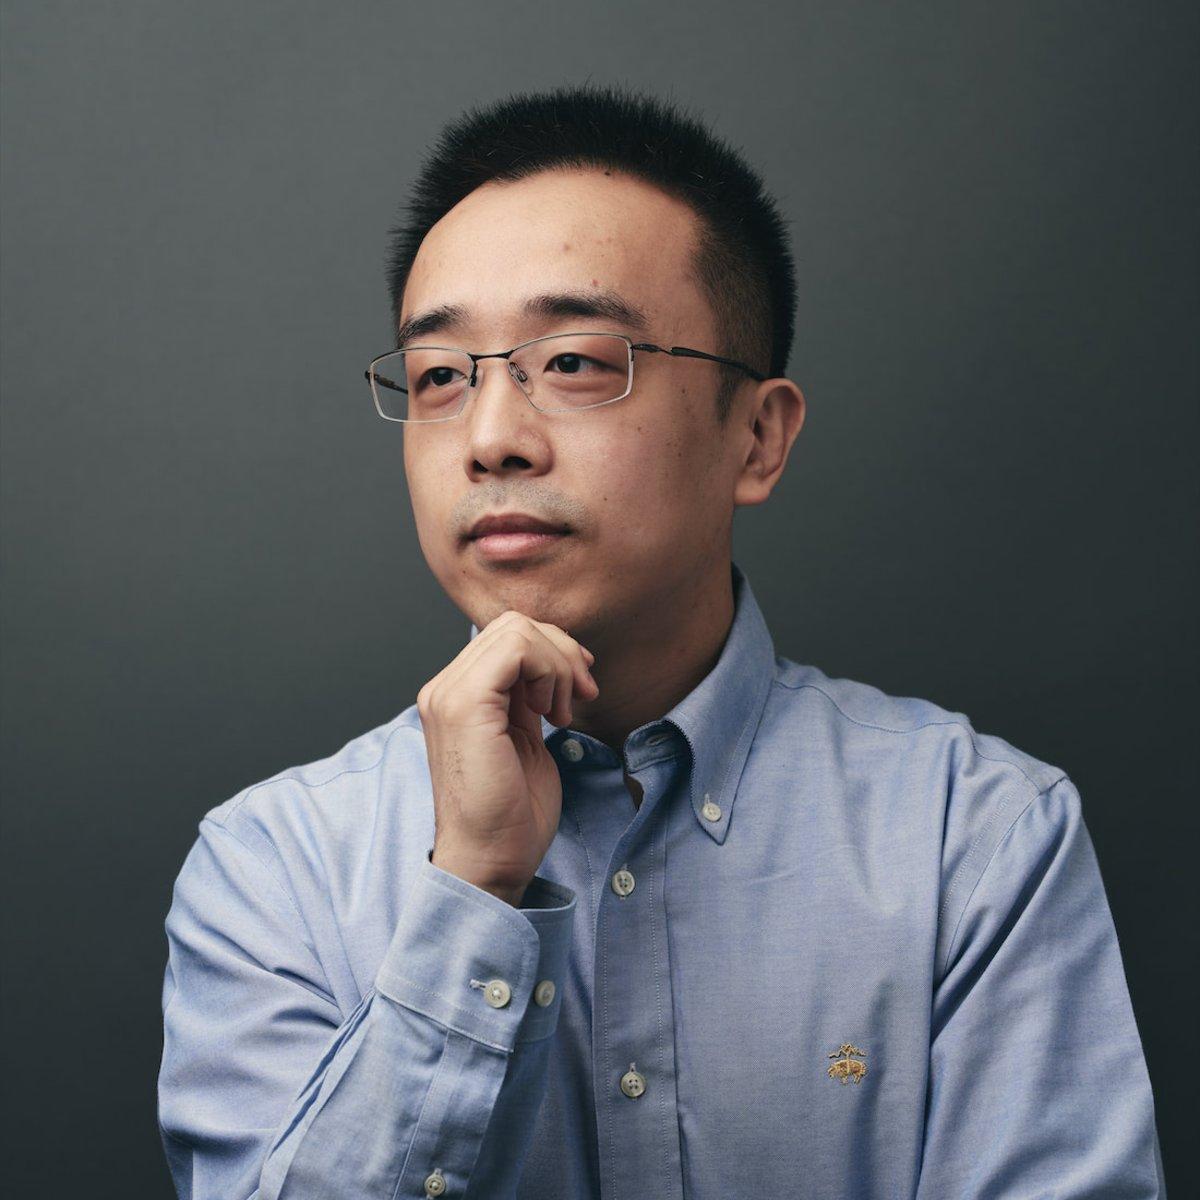 Feixiang Ren